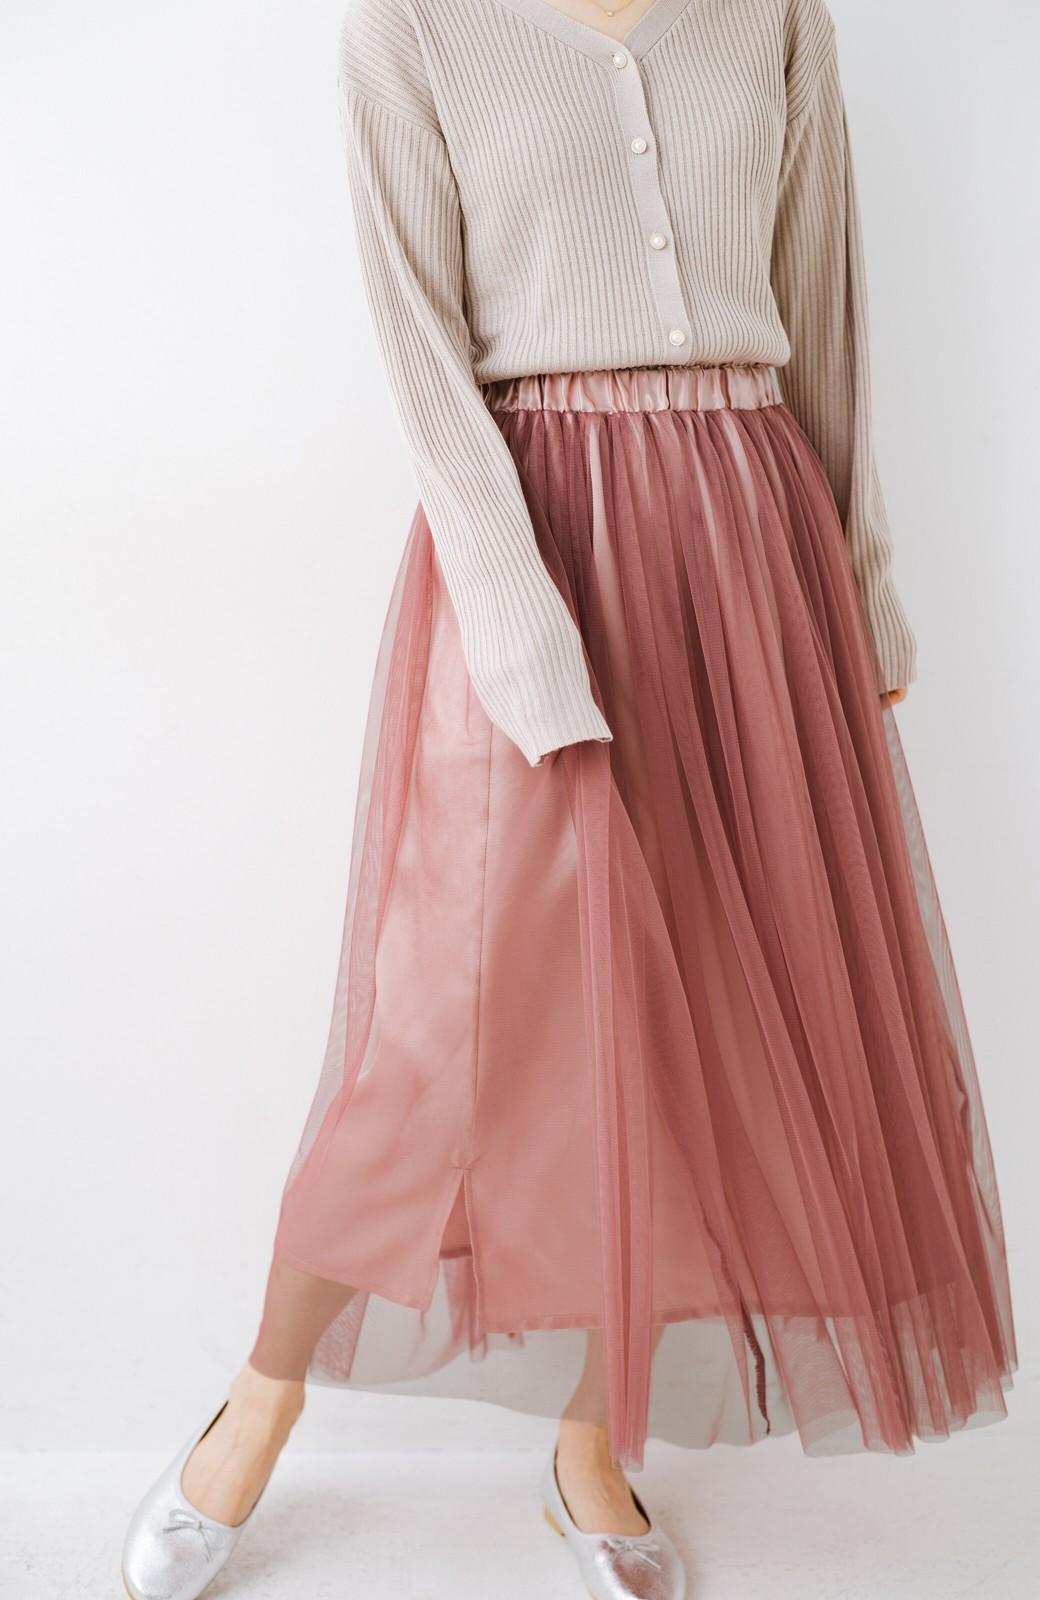 haco! 着るだけでルンとした気分になる! 長ーーい季節着られてずっと使えるオトナのためのチュールスカート <ピンク>の商品写真9